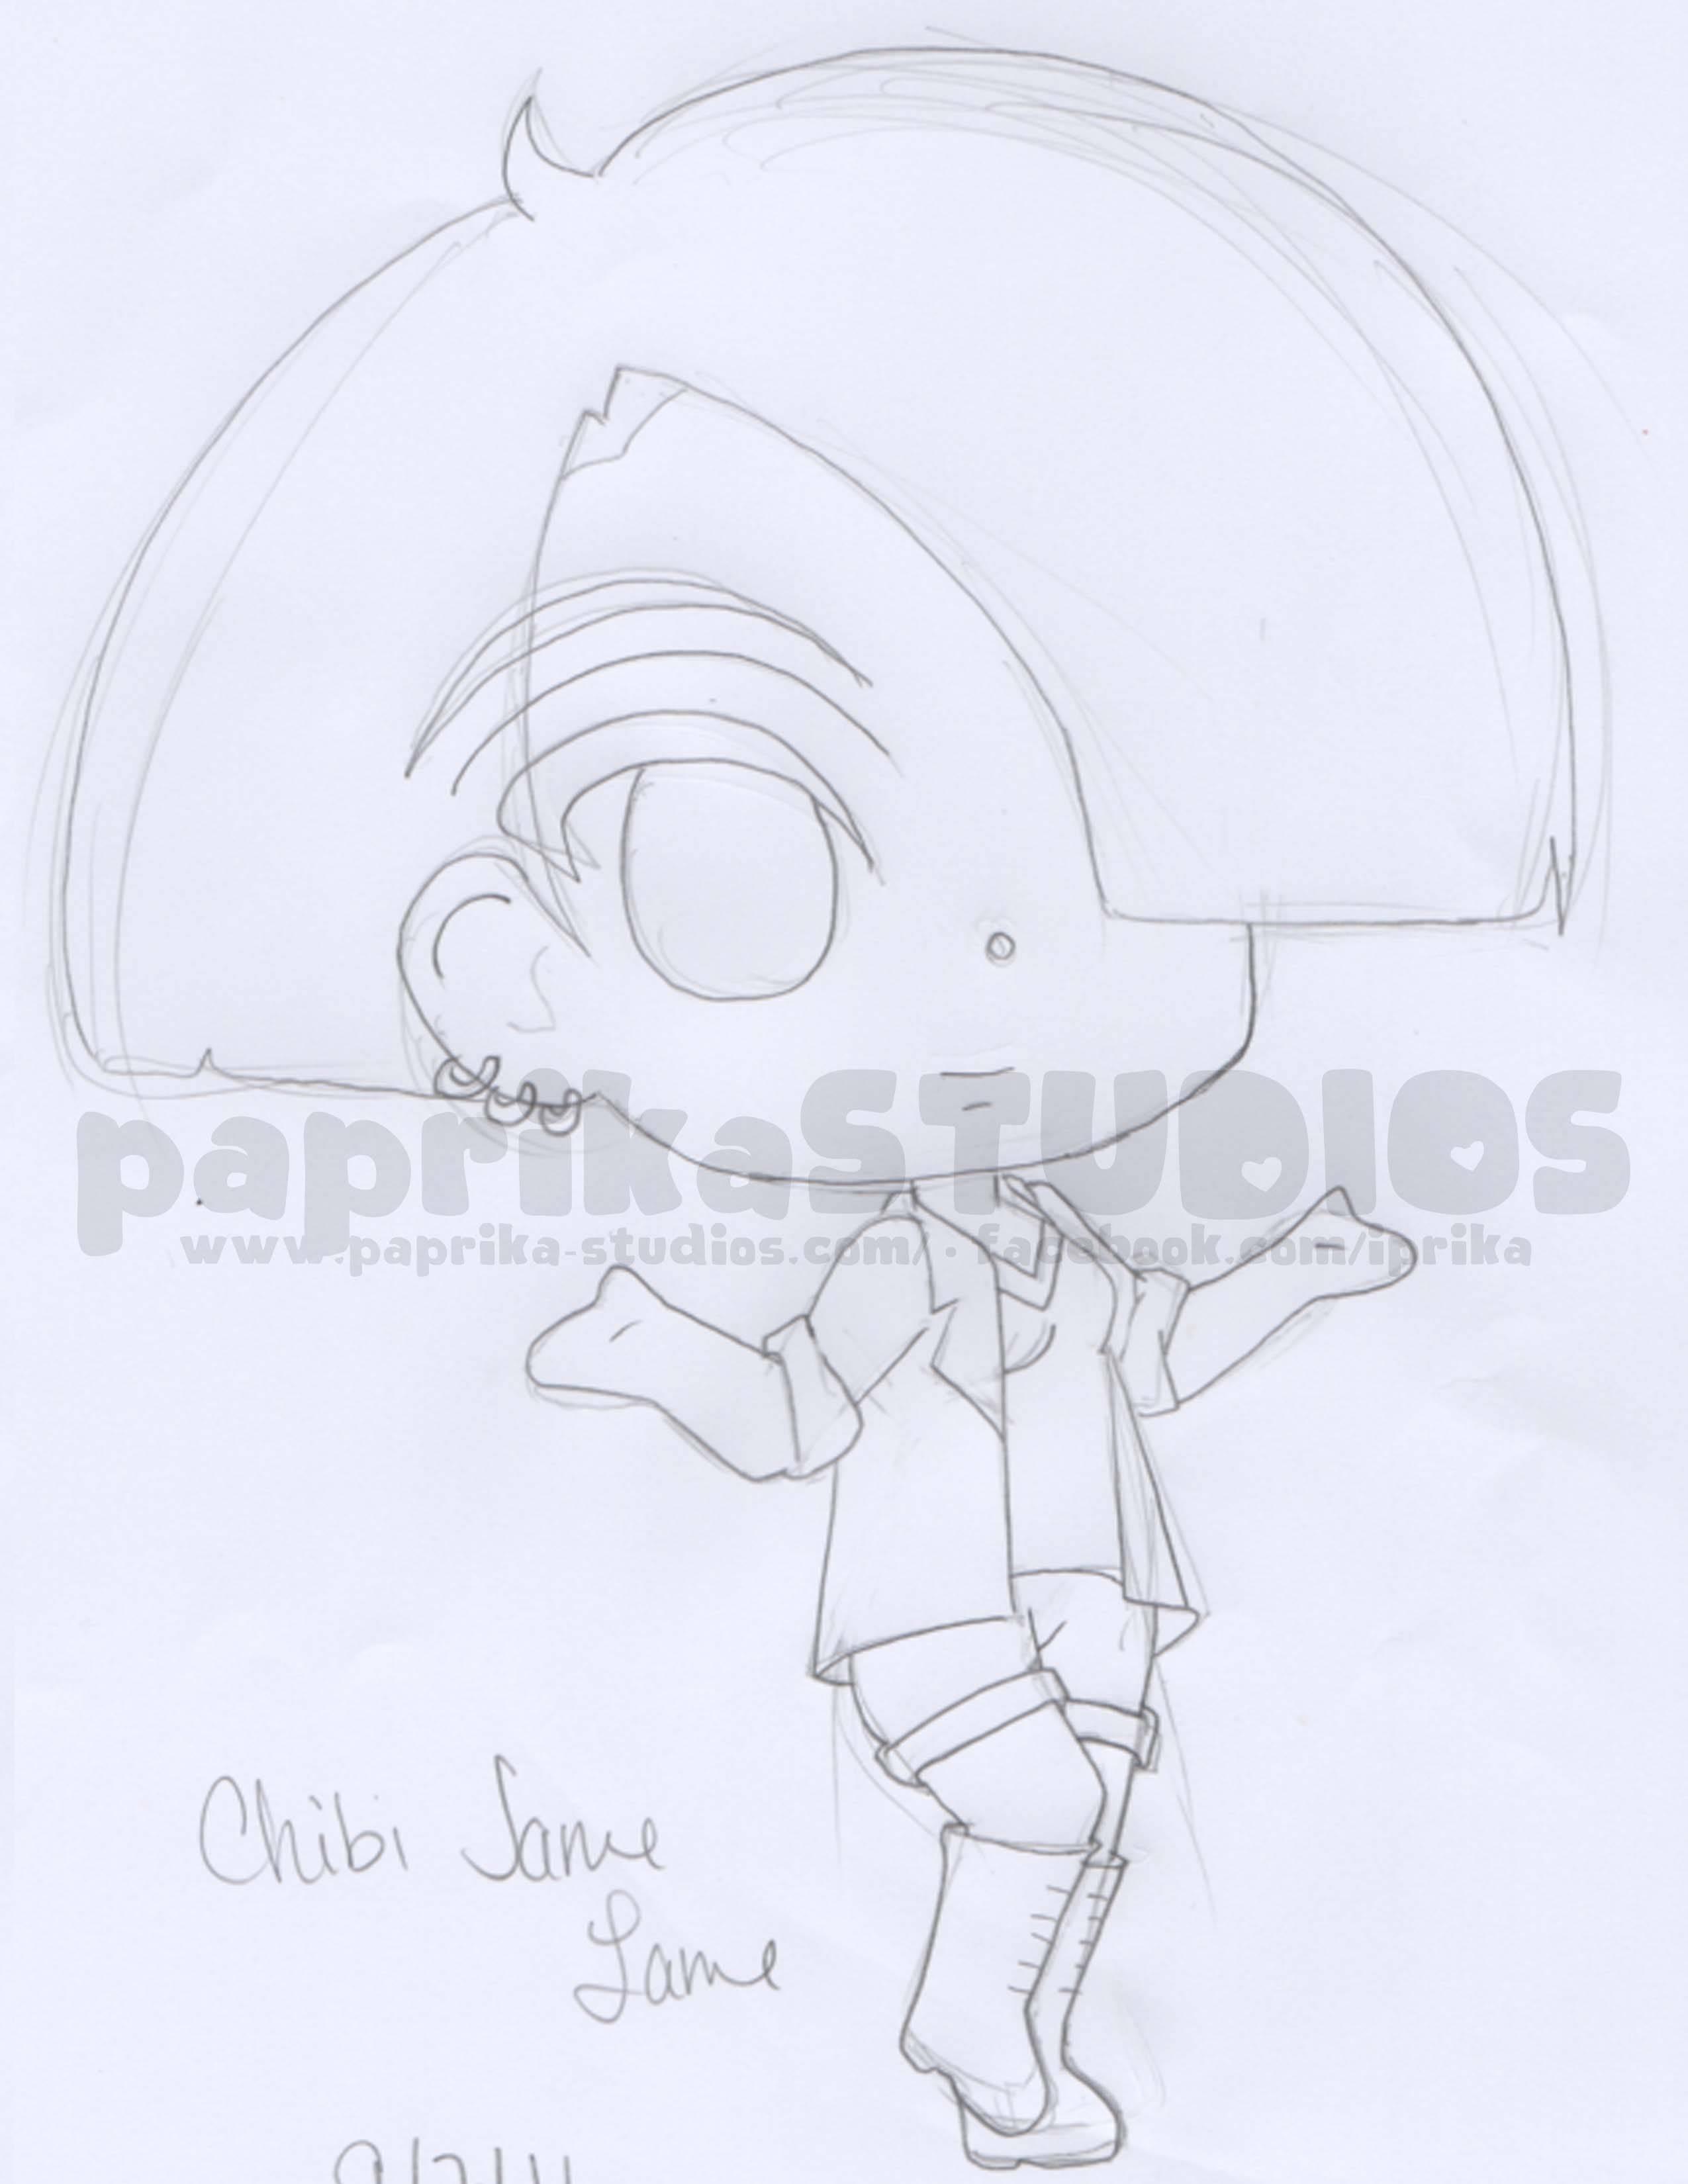 Chibi Jane